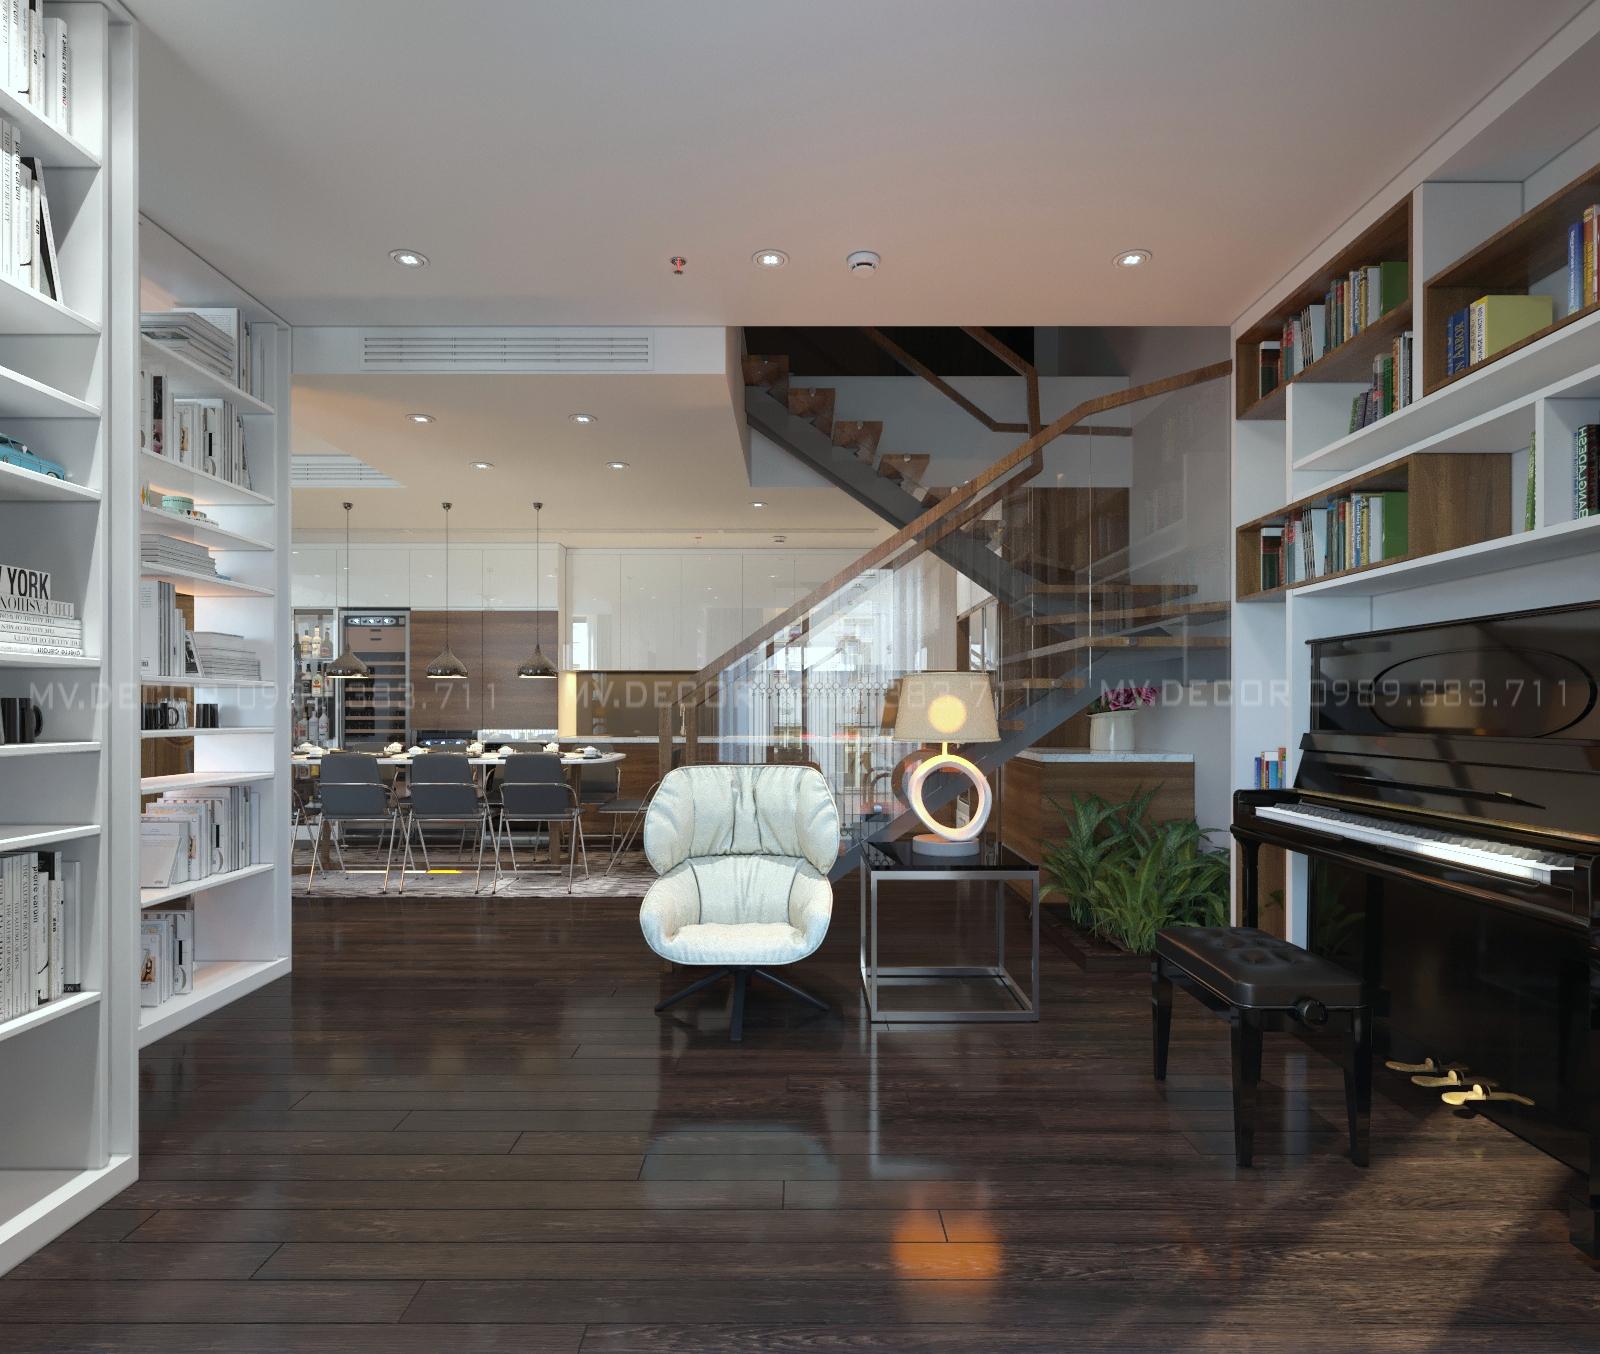 thiết kế nội thất chung cư tại Hà Nội duplex tân hoàng minh hoàng cầu 5 1550072049